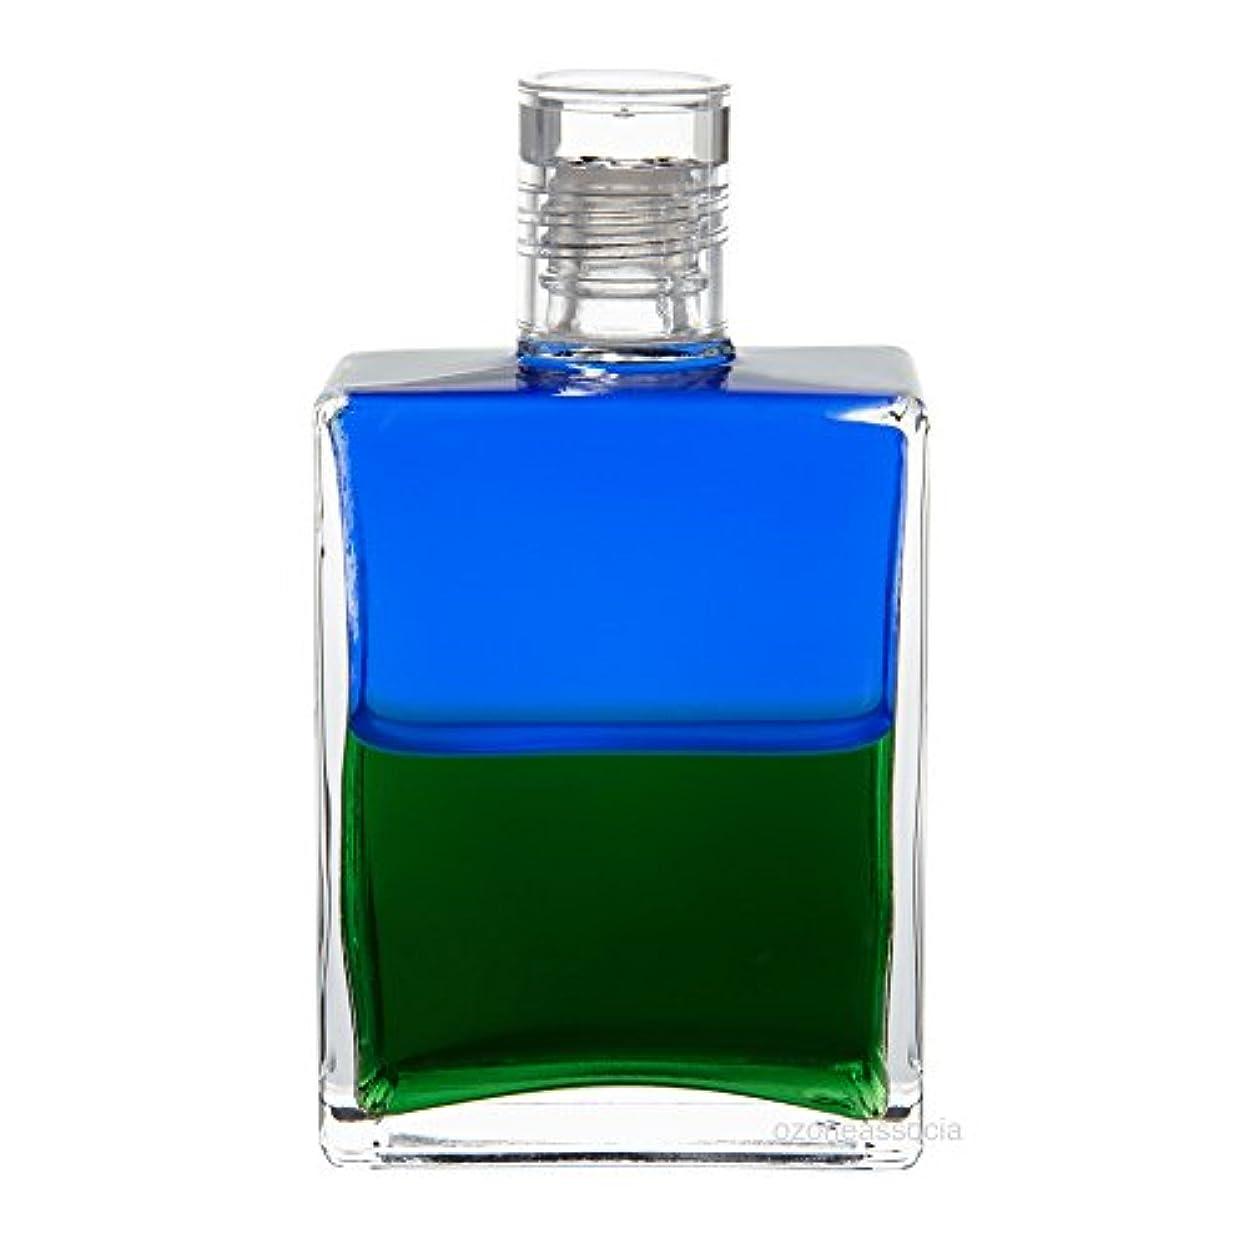 契約大胆このオーラソーマ ボトル 3番 ハートイクイリブリアムボトル/アトランティアンイクイリブリアムボトル (ブルー/グリーン) イクイリブリアムボトル50ml